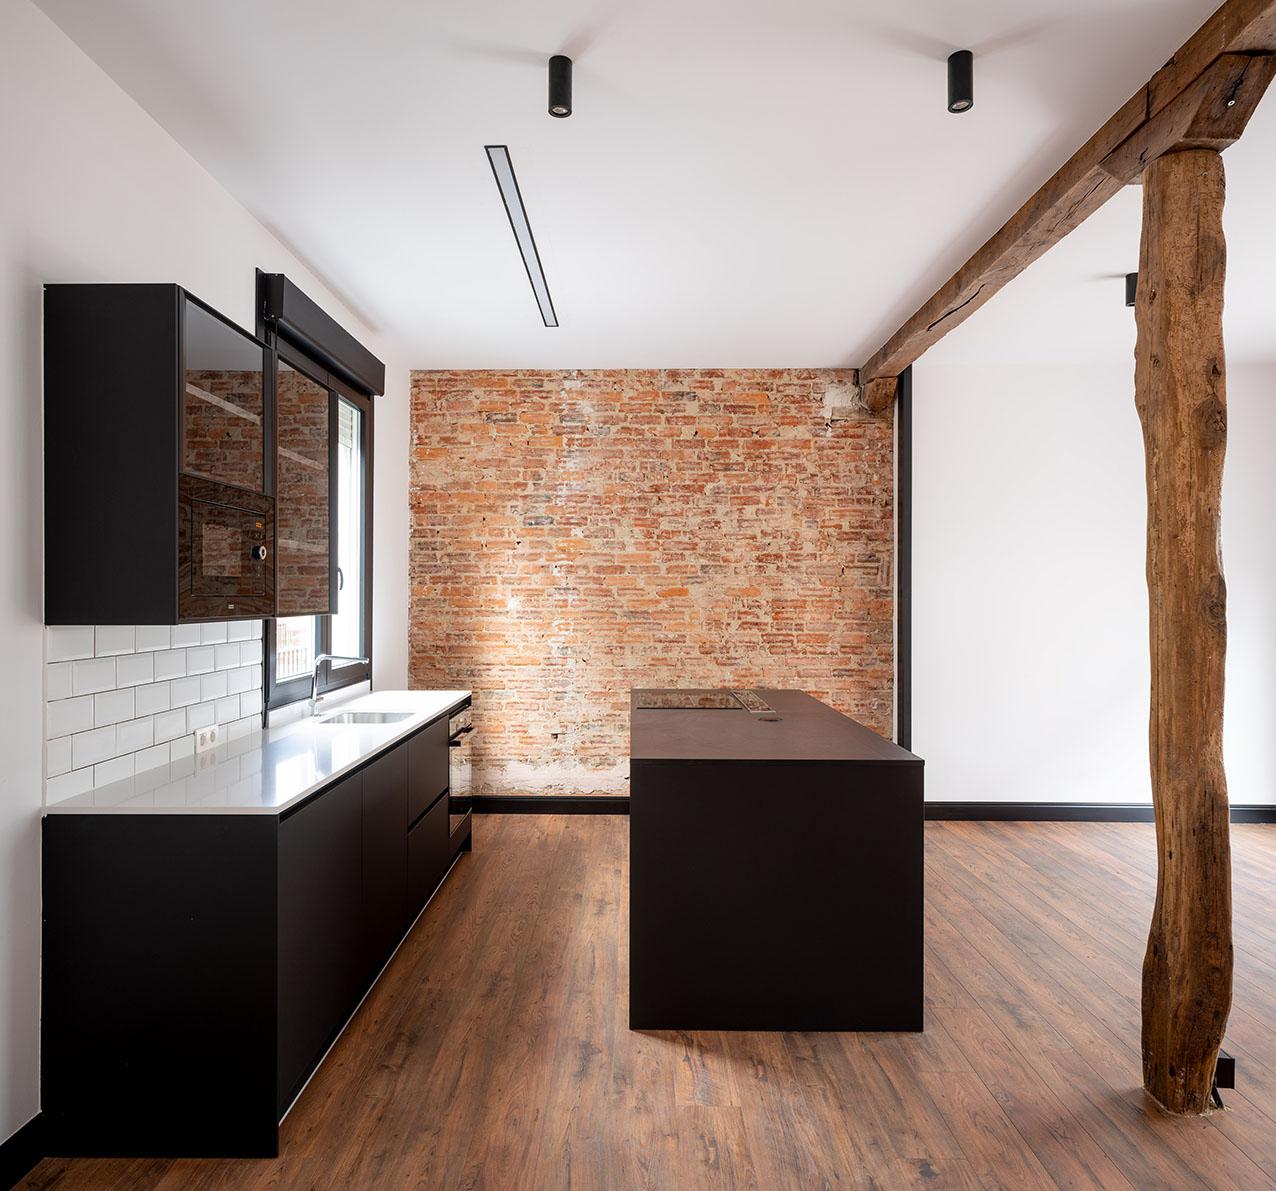 Imagen de la cocina, Fotografía de arquitectura - Reportaje fotográfico de vivienda en Getxo